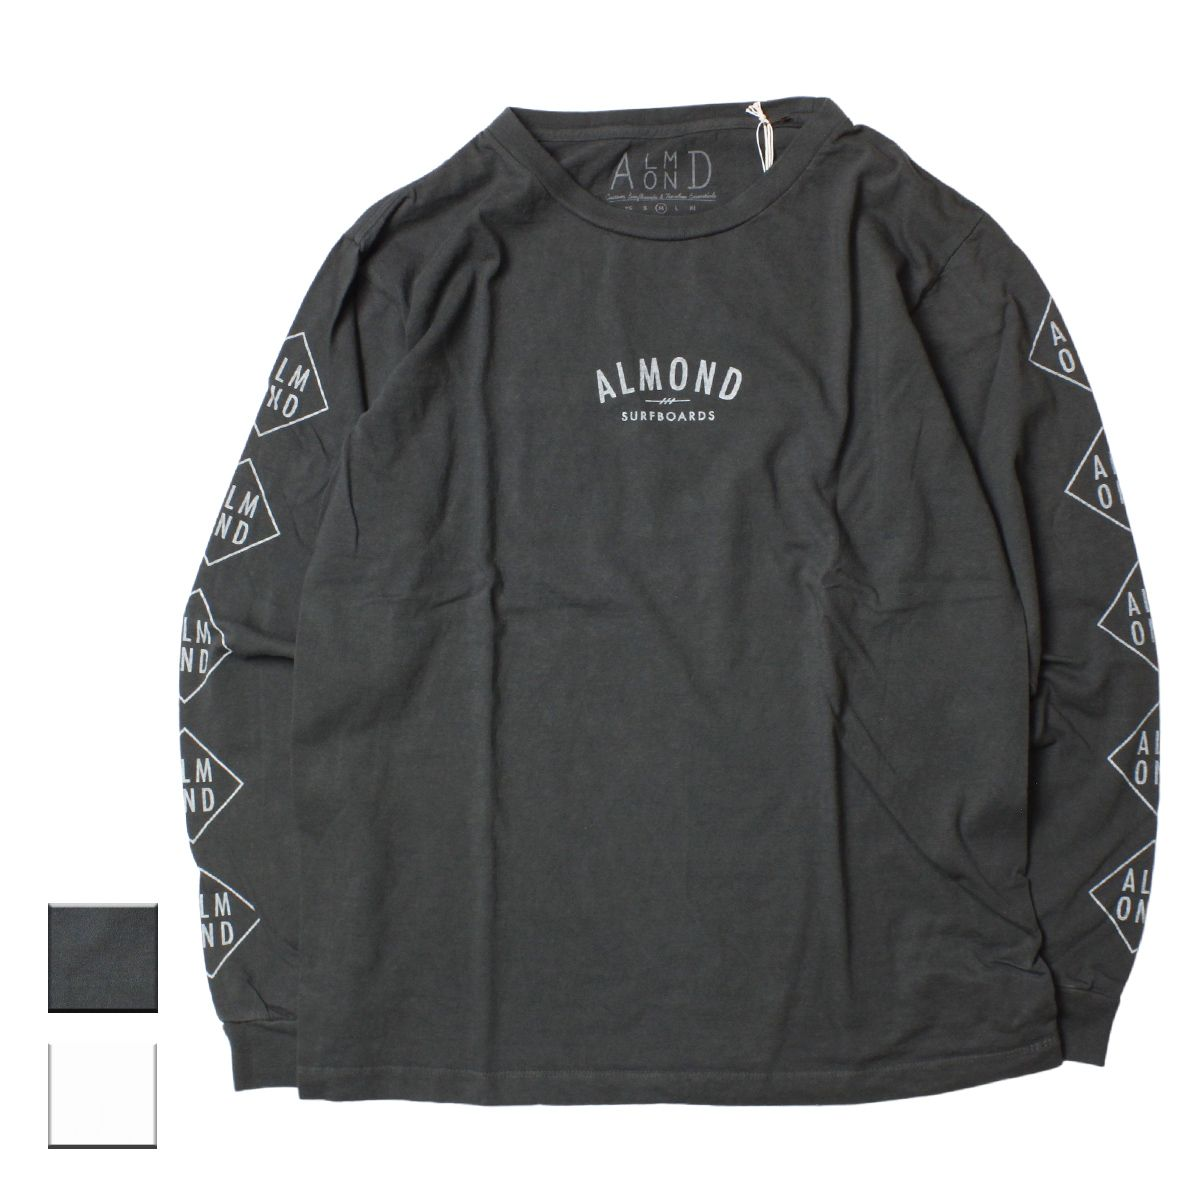 Almond Surf アーモンドサーフボードデザイン DIAMOND LOGO L/S T-SHIRTS